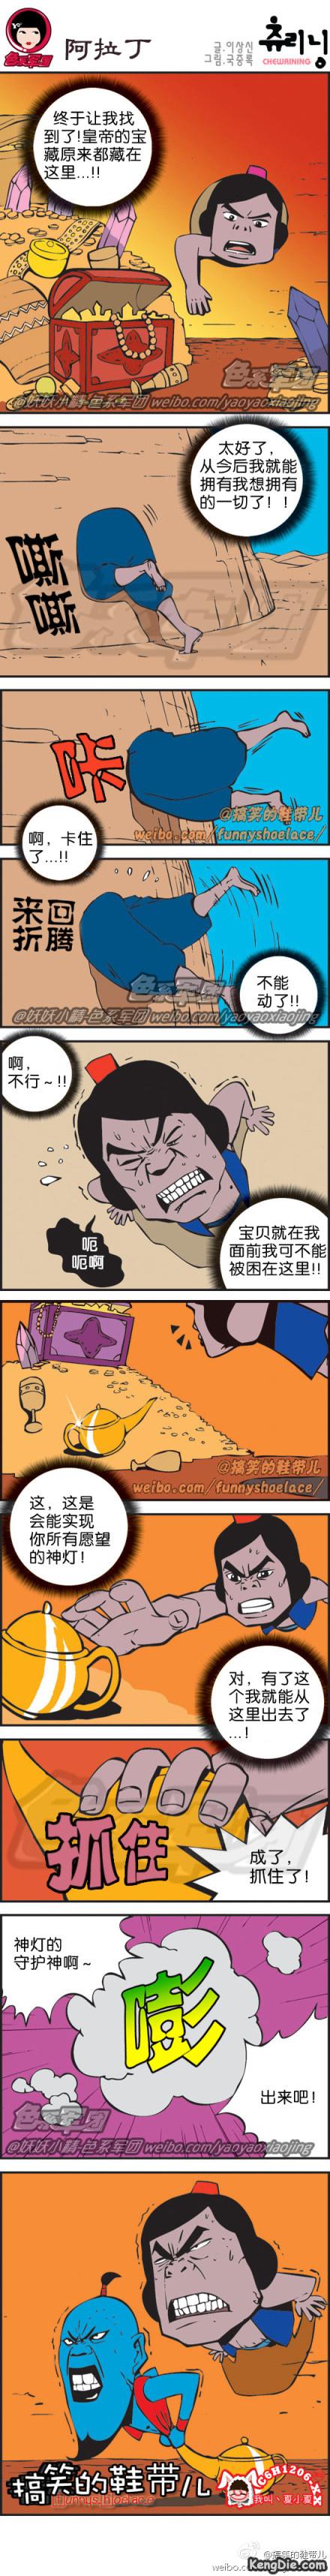 色系军团邪恶漫画:寂寞的夜晚